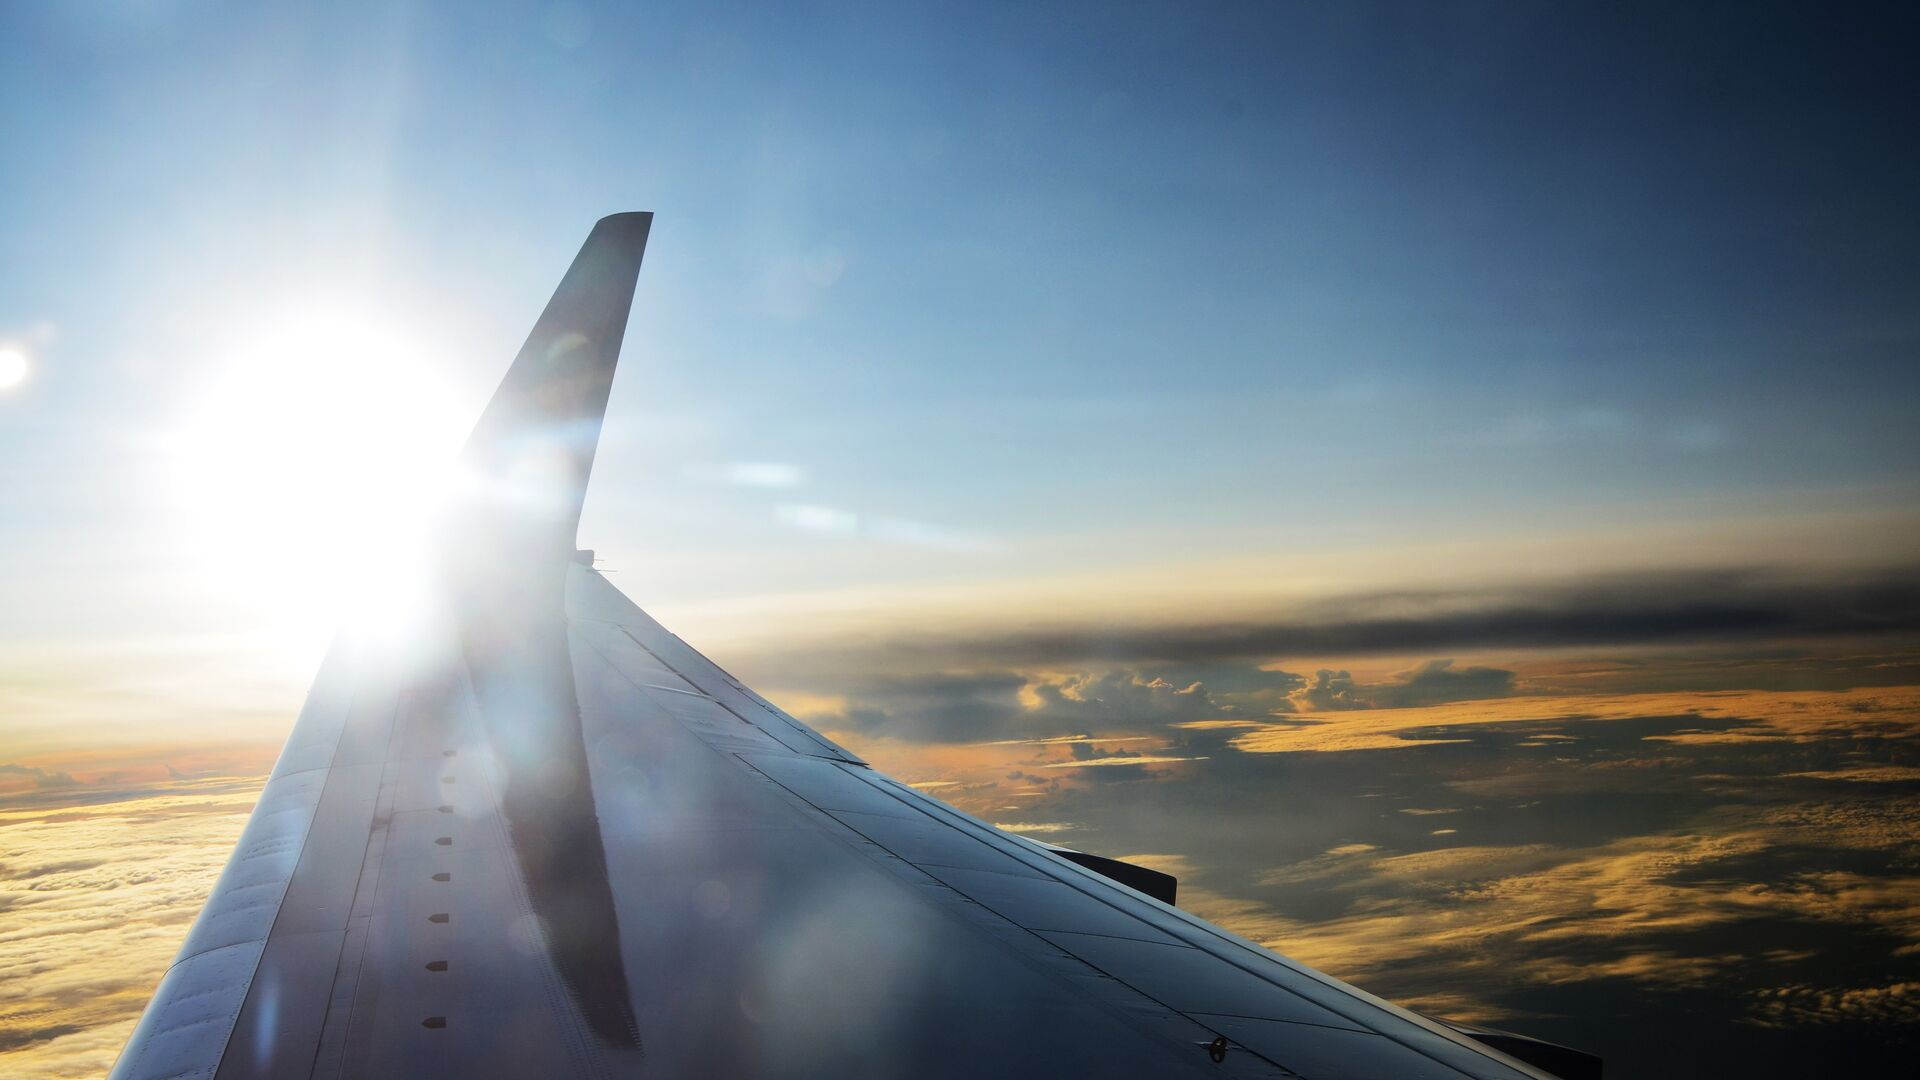 La vista desde el avión - Sputnik Mundo, 1920, 01.09.2021